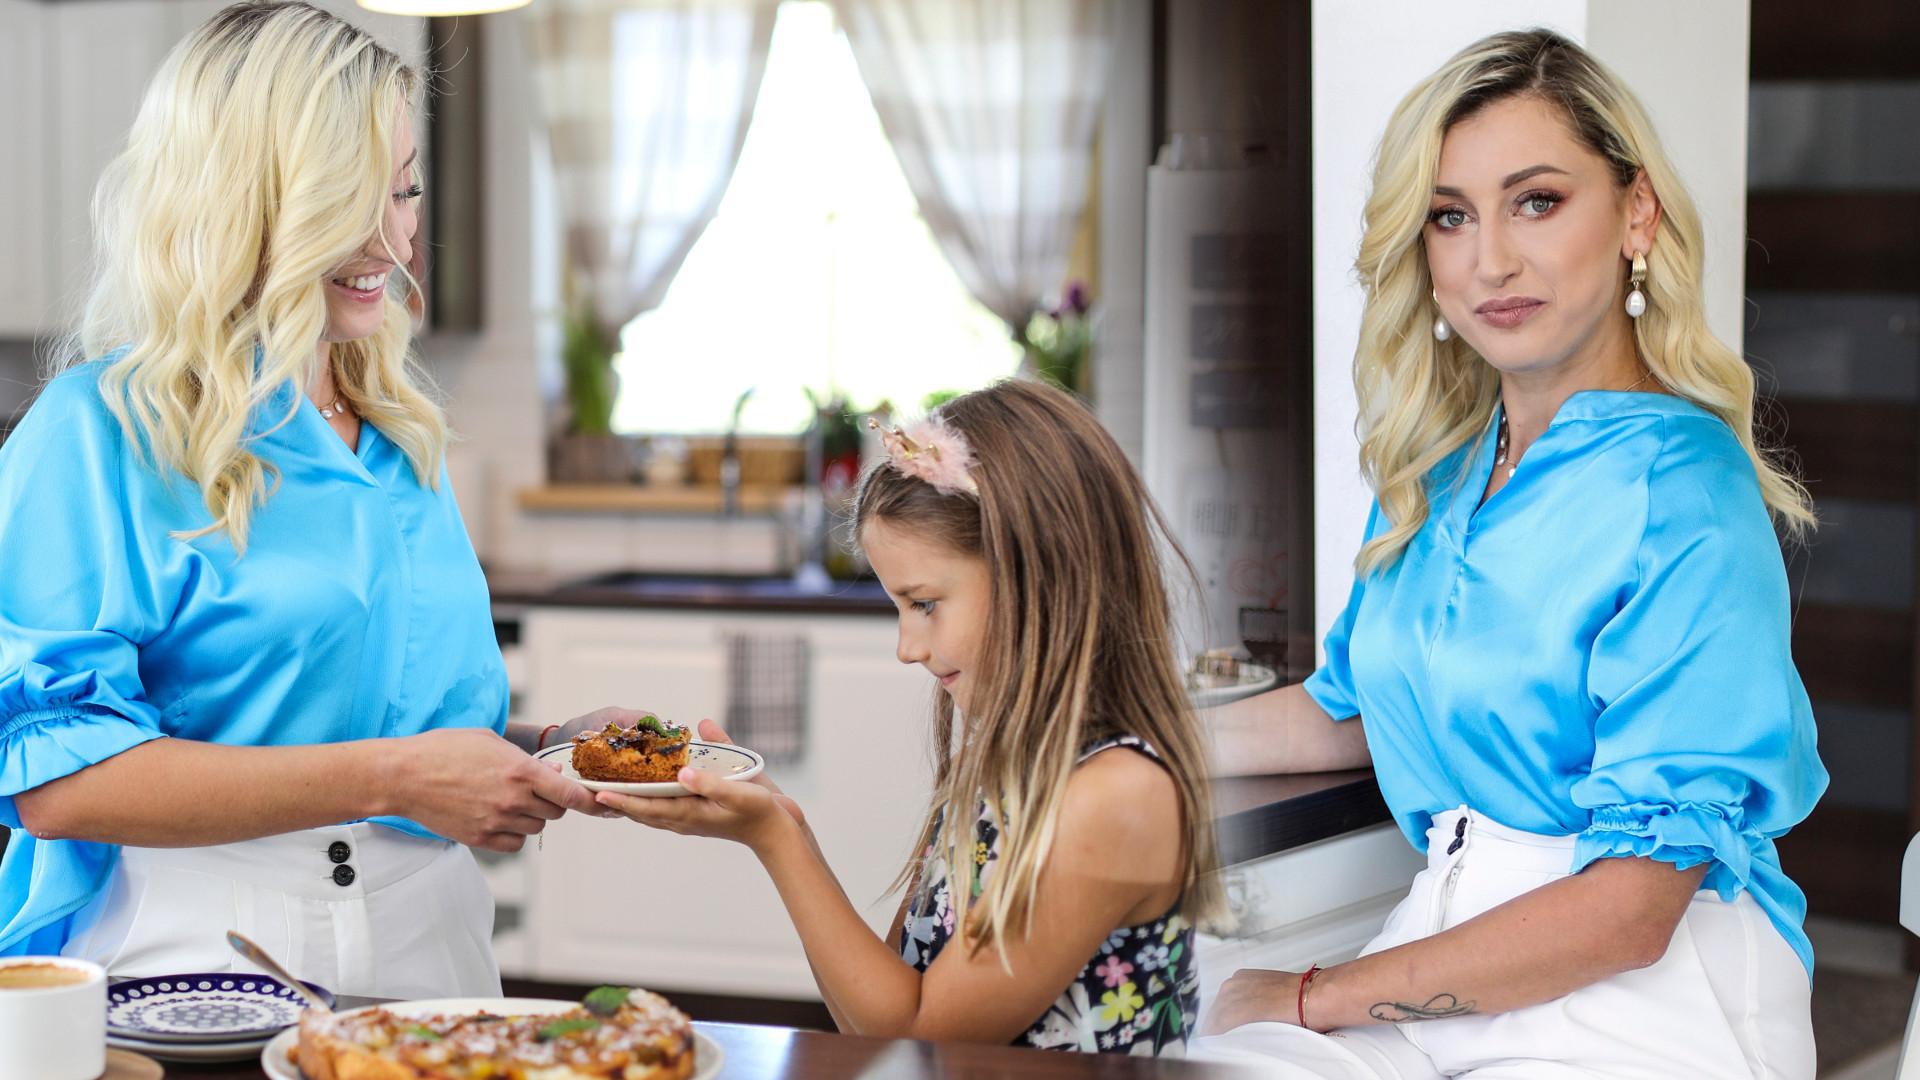 Justyna Żyła z córką Karoliną pracuje nad książką kucharską – przy okazji pokazała swoją piękną kuchnię (ZDJĘCIA)